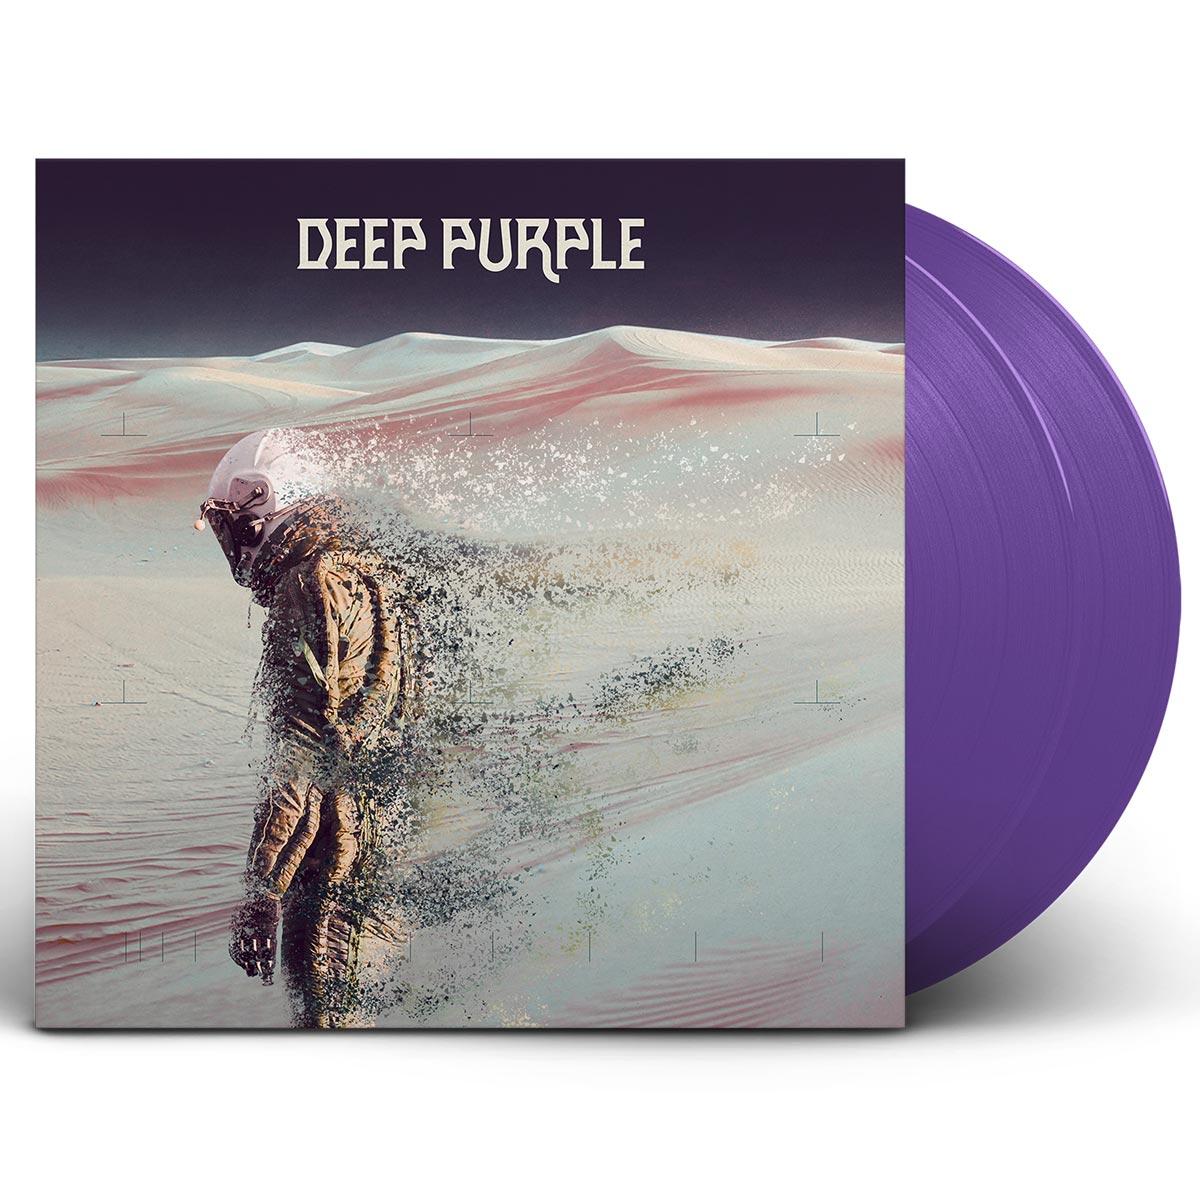 Whoosh! (Purple Vinyl) - Deep Purple - Musik -  - 4029759147602 - 7/8-2020